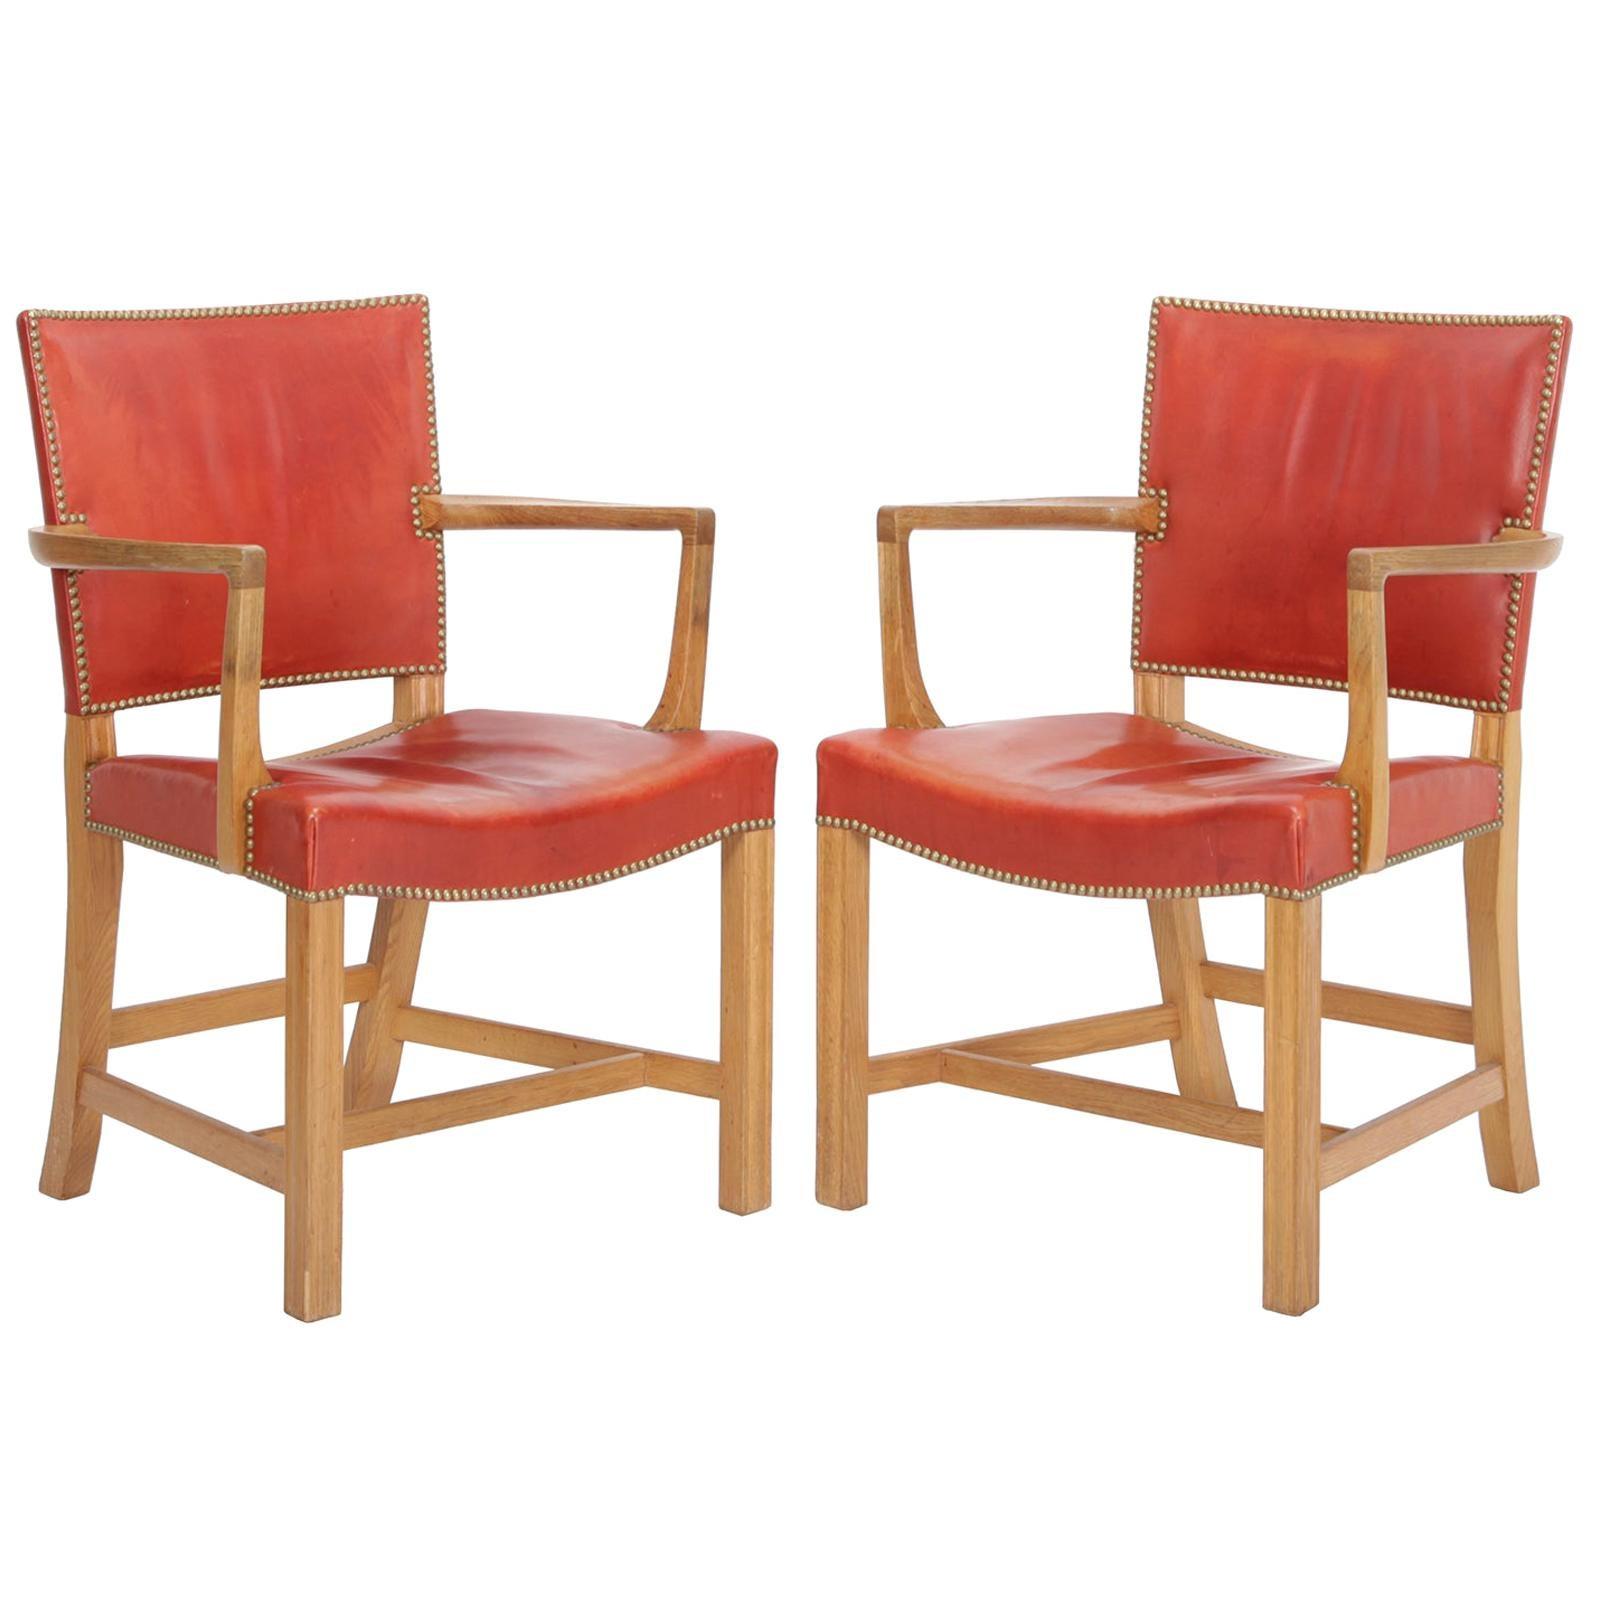 Pair of Armchairs by Kaare Klint